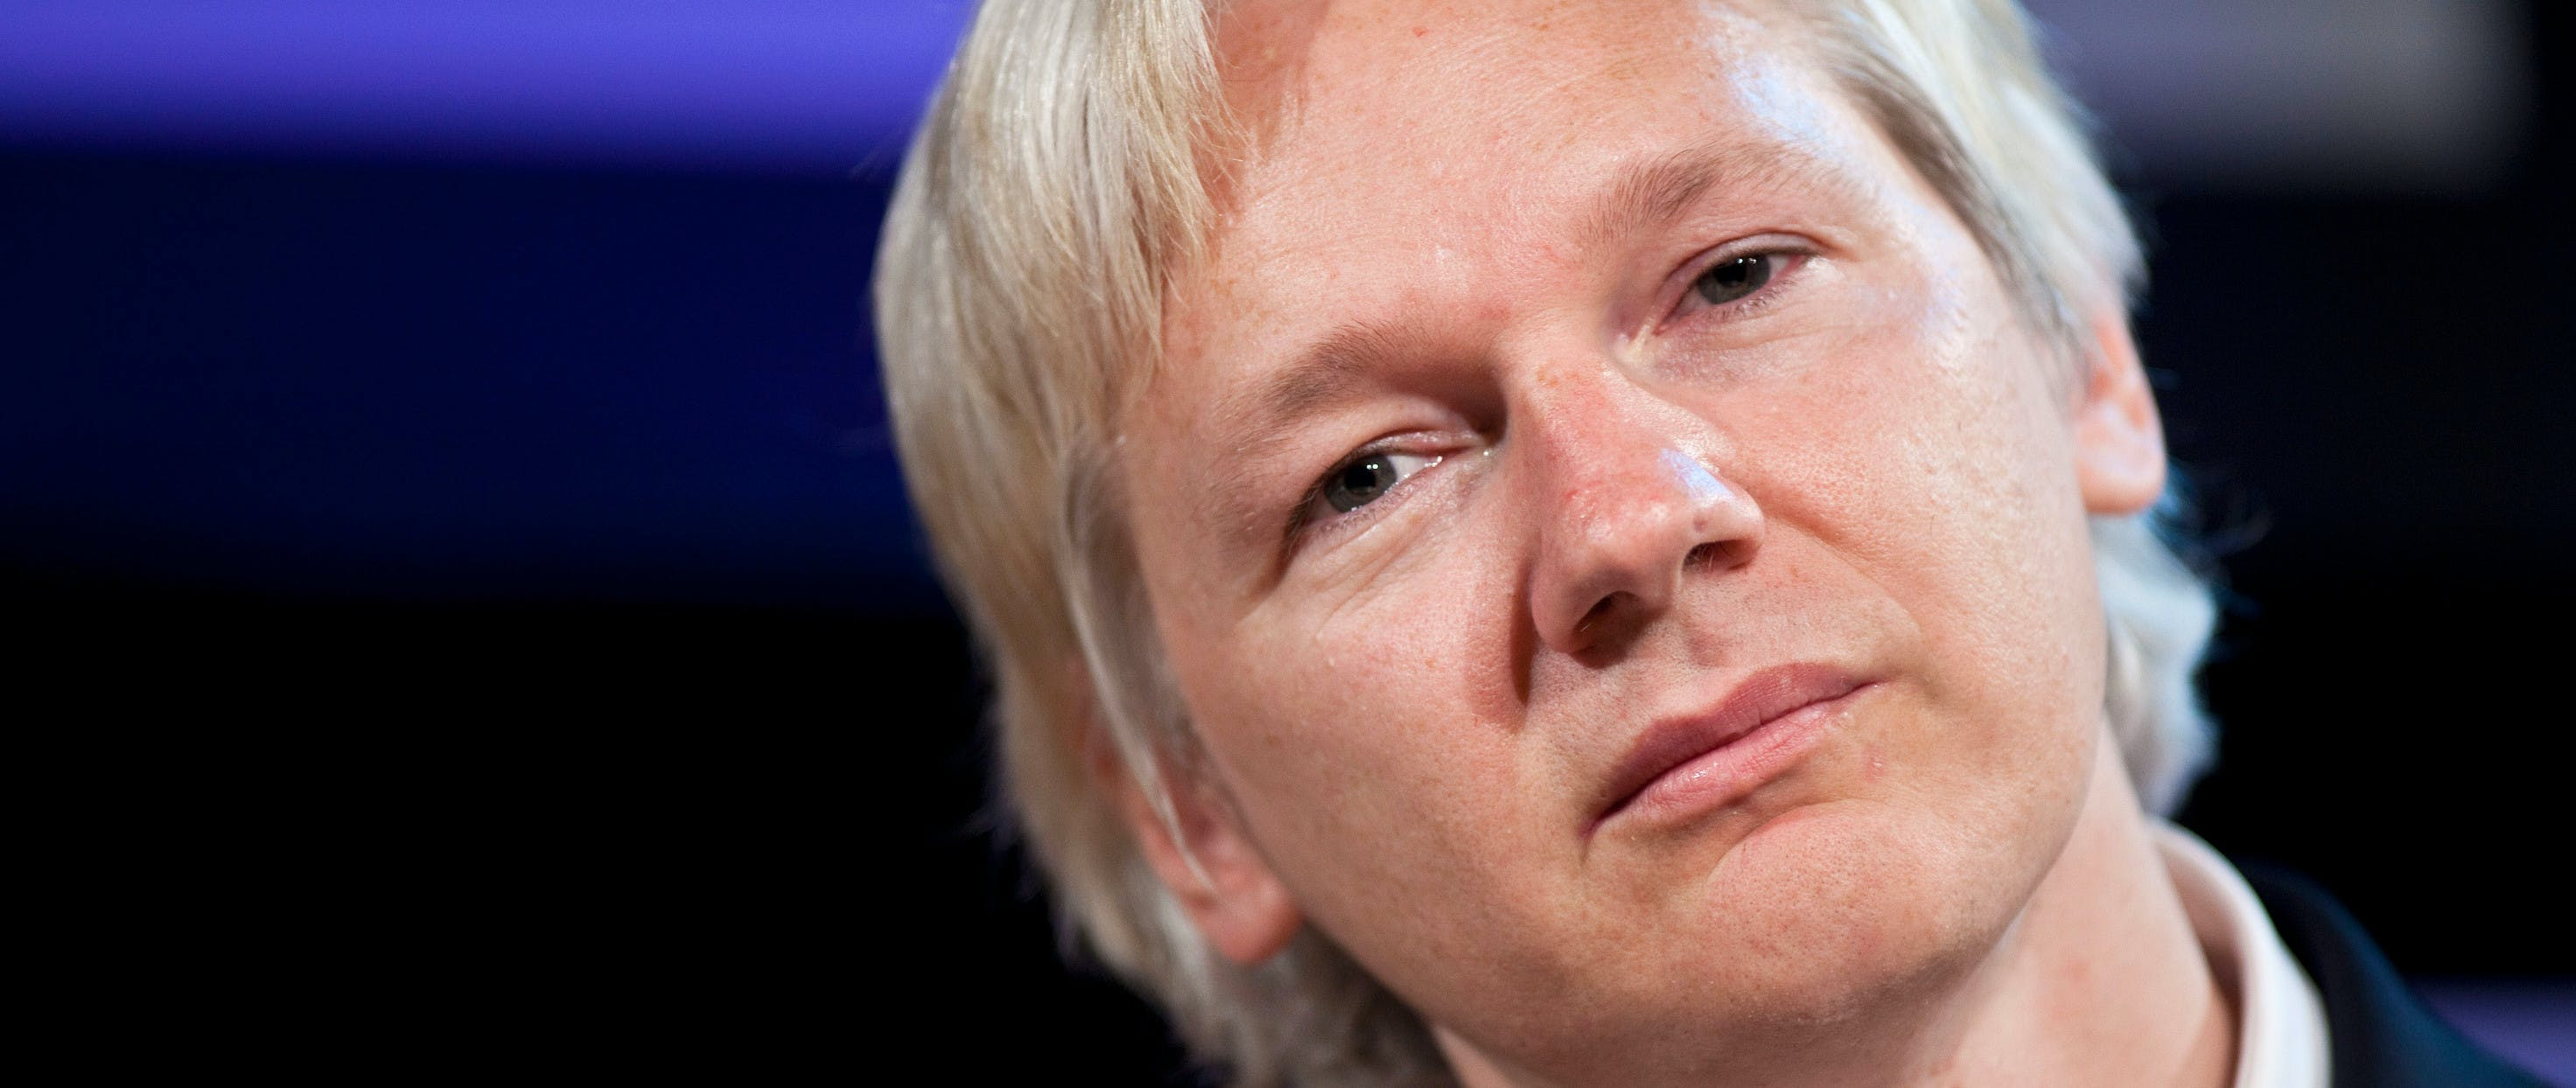 [PETITION] Les États-Unis doivent abandonner les accusations visant Julian Assange !